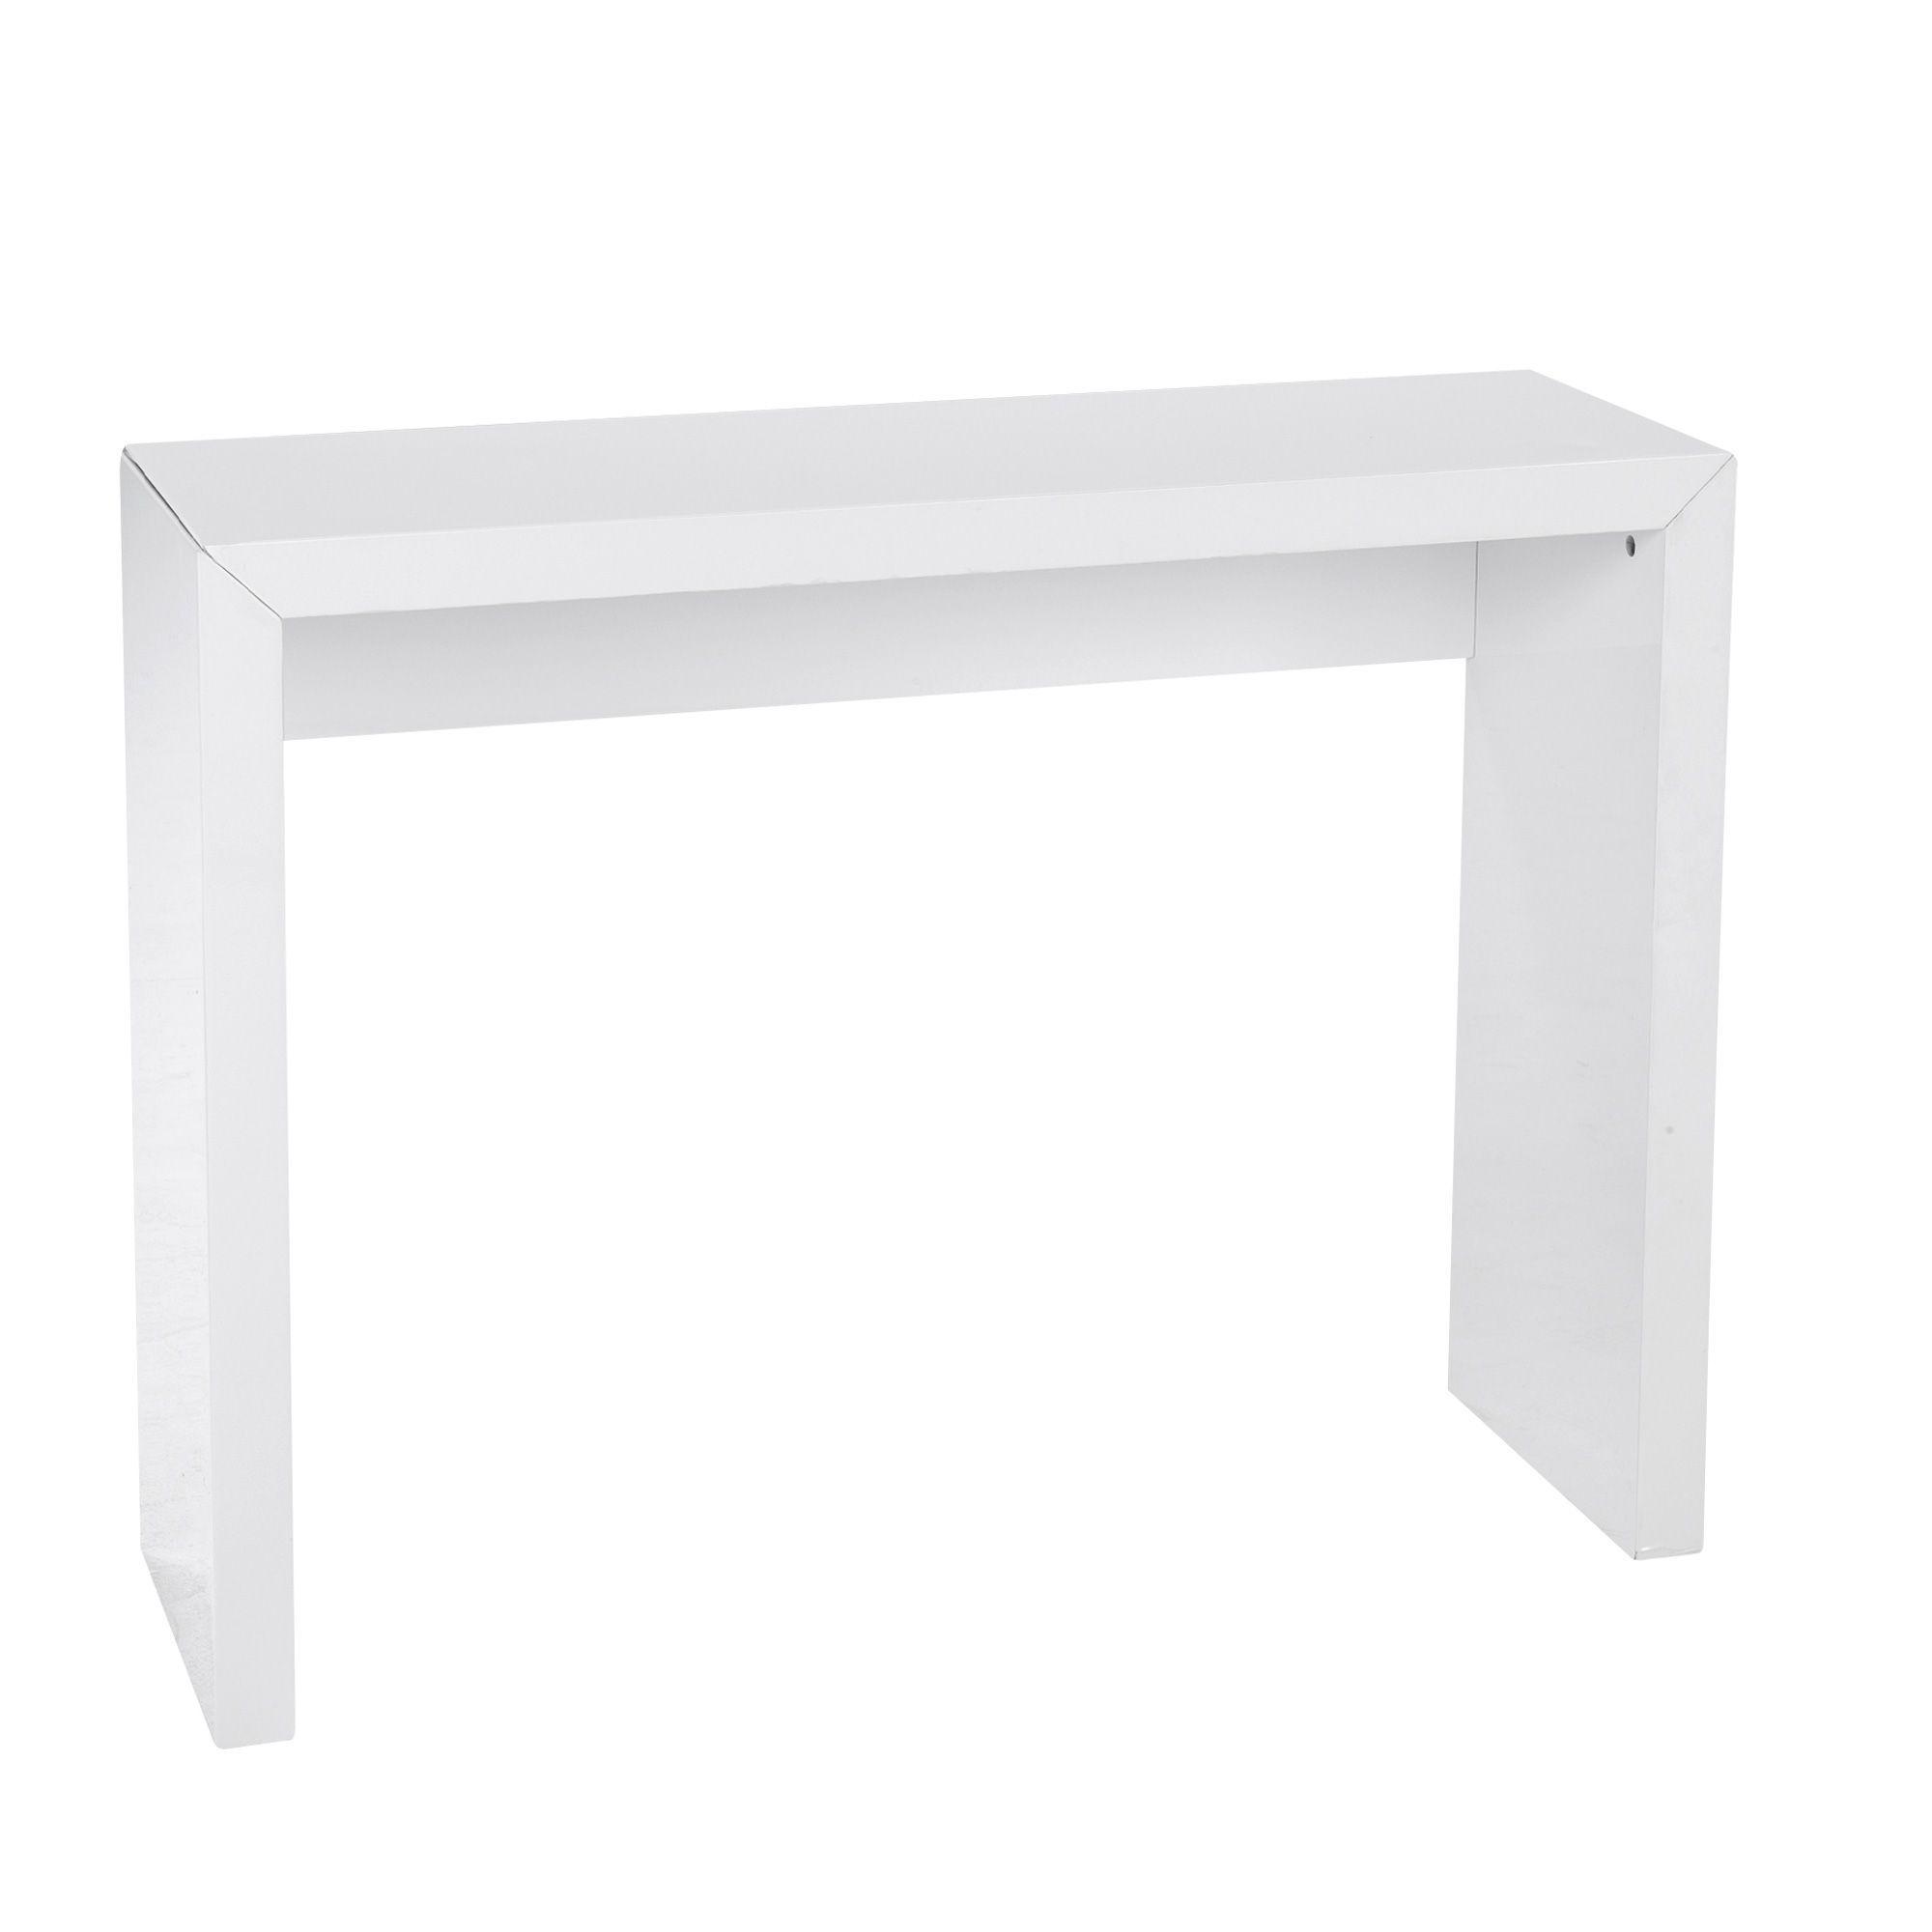 console blanche laqu e blanc nora les consoles consoles et tables d 39 appoint salon et. Black Bedroom Furniture Sets. Home Design Ideas